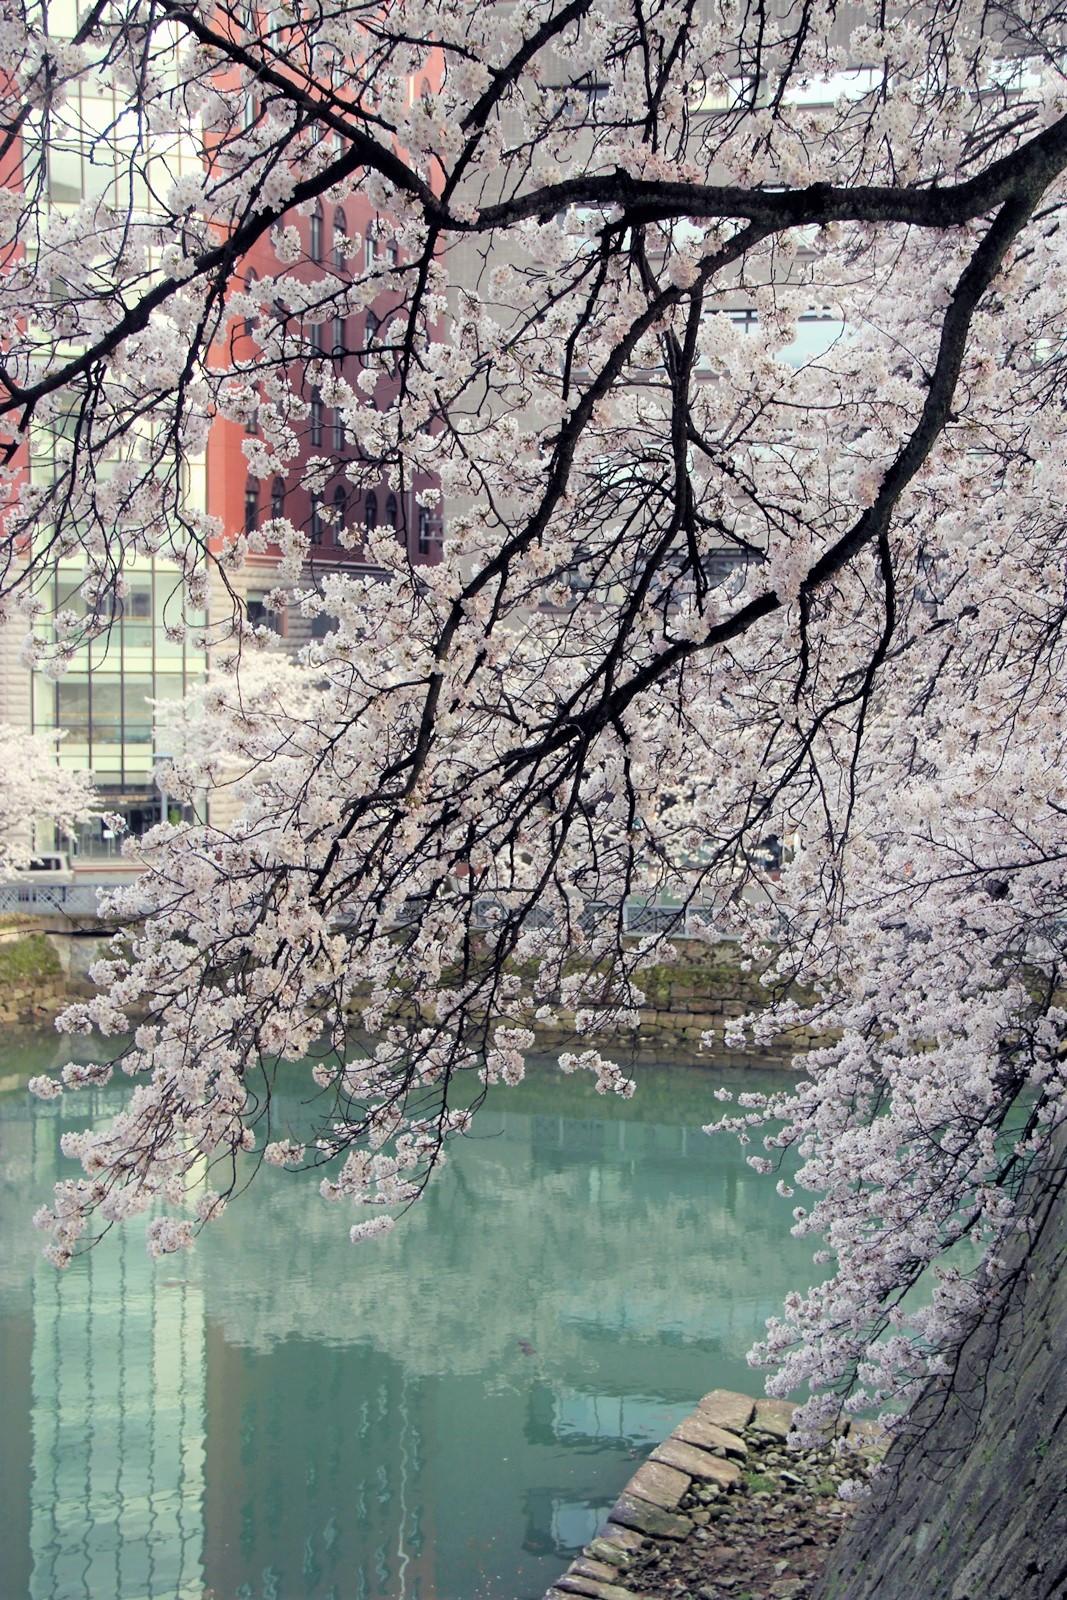 県庁お堀桜@ふくい桜まつり 越前時代行列